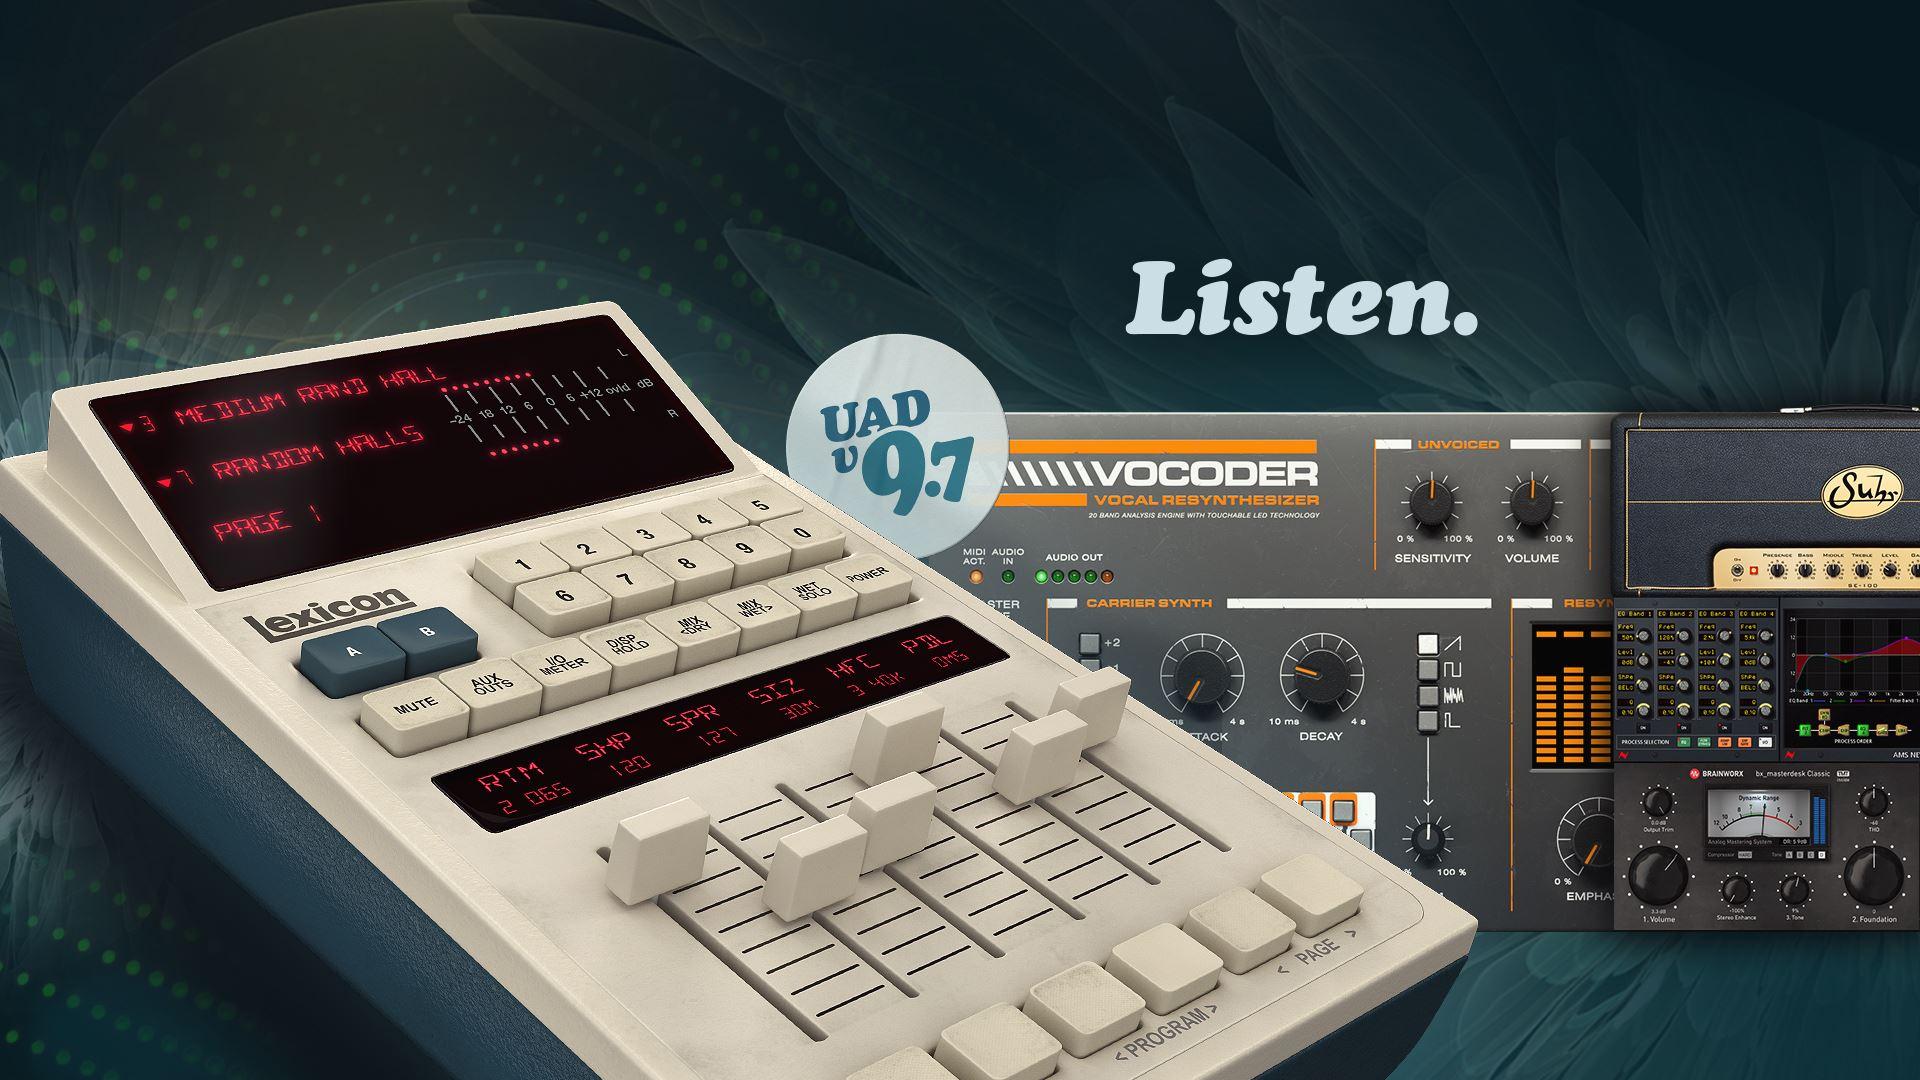 Universal Audio uppdaterar sin UAD-mjukvara till version 9.7